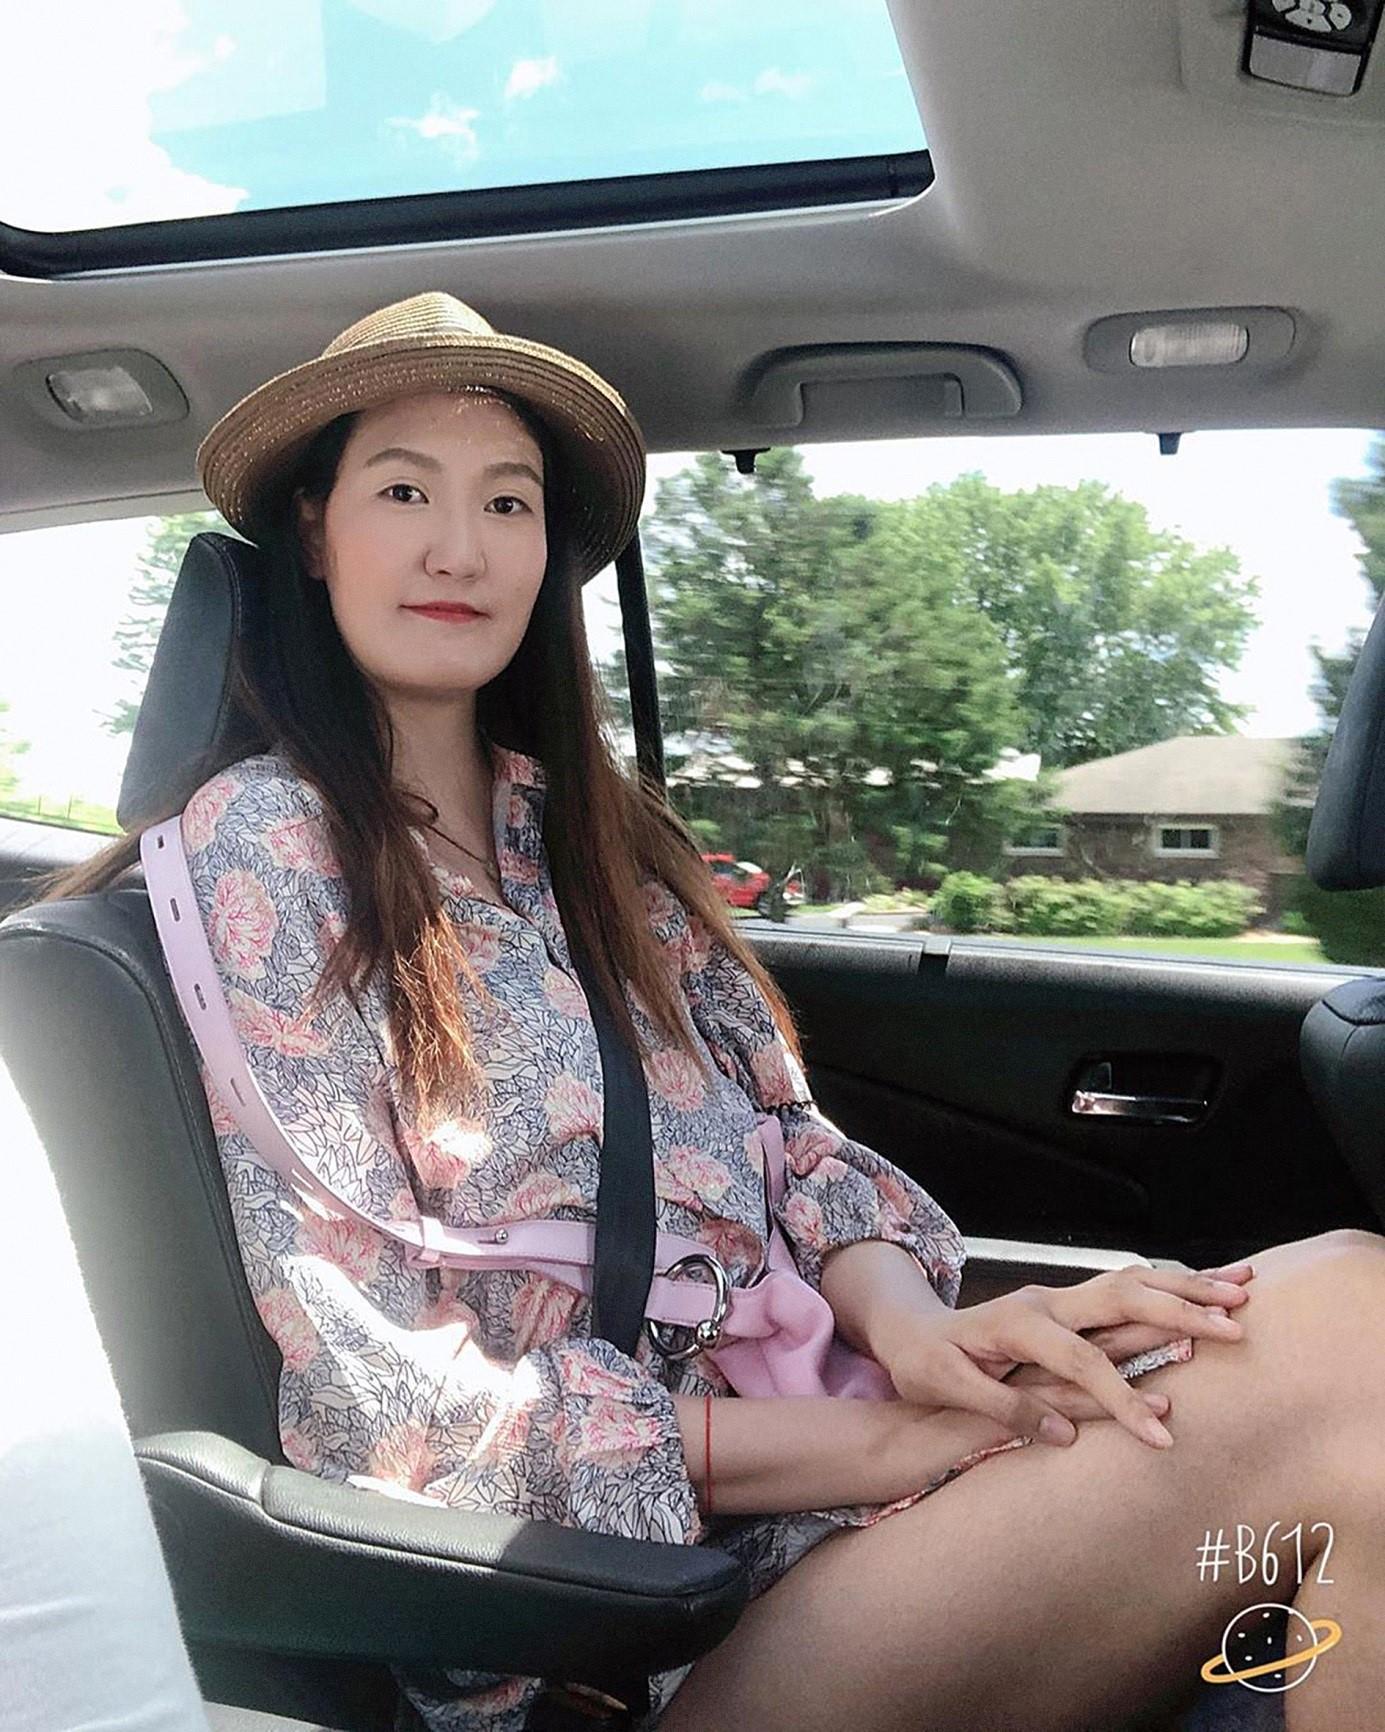 Двухметровая монгольская красавица: длинные ноги – путёвка в жизнь или испытание?